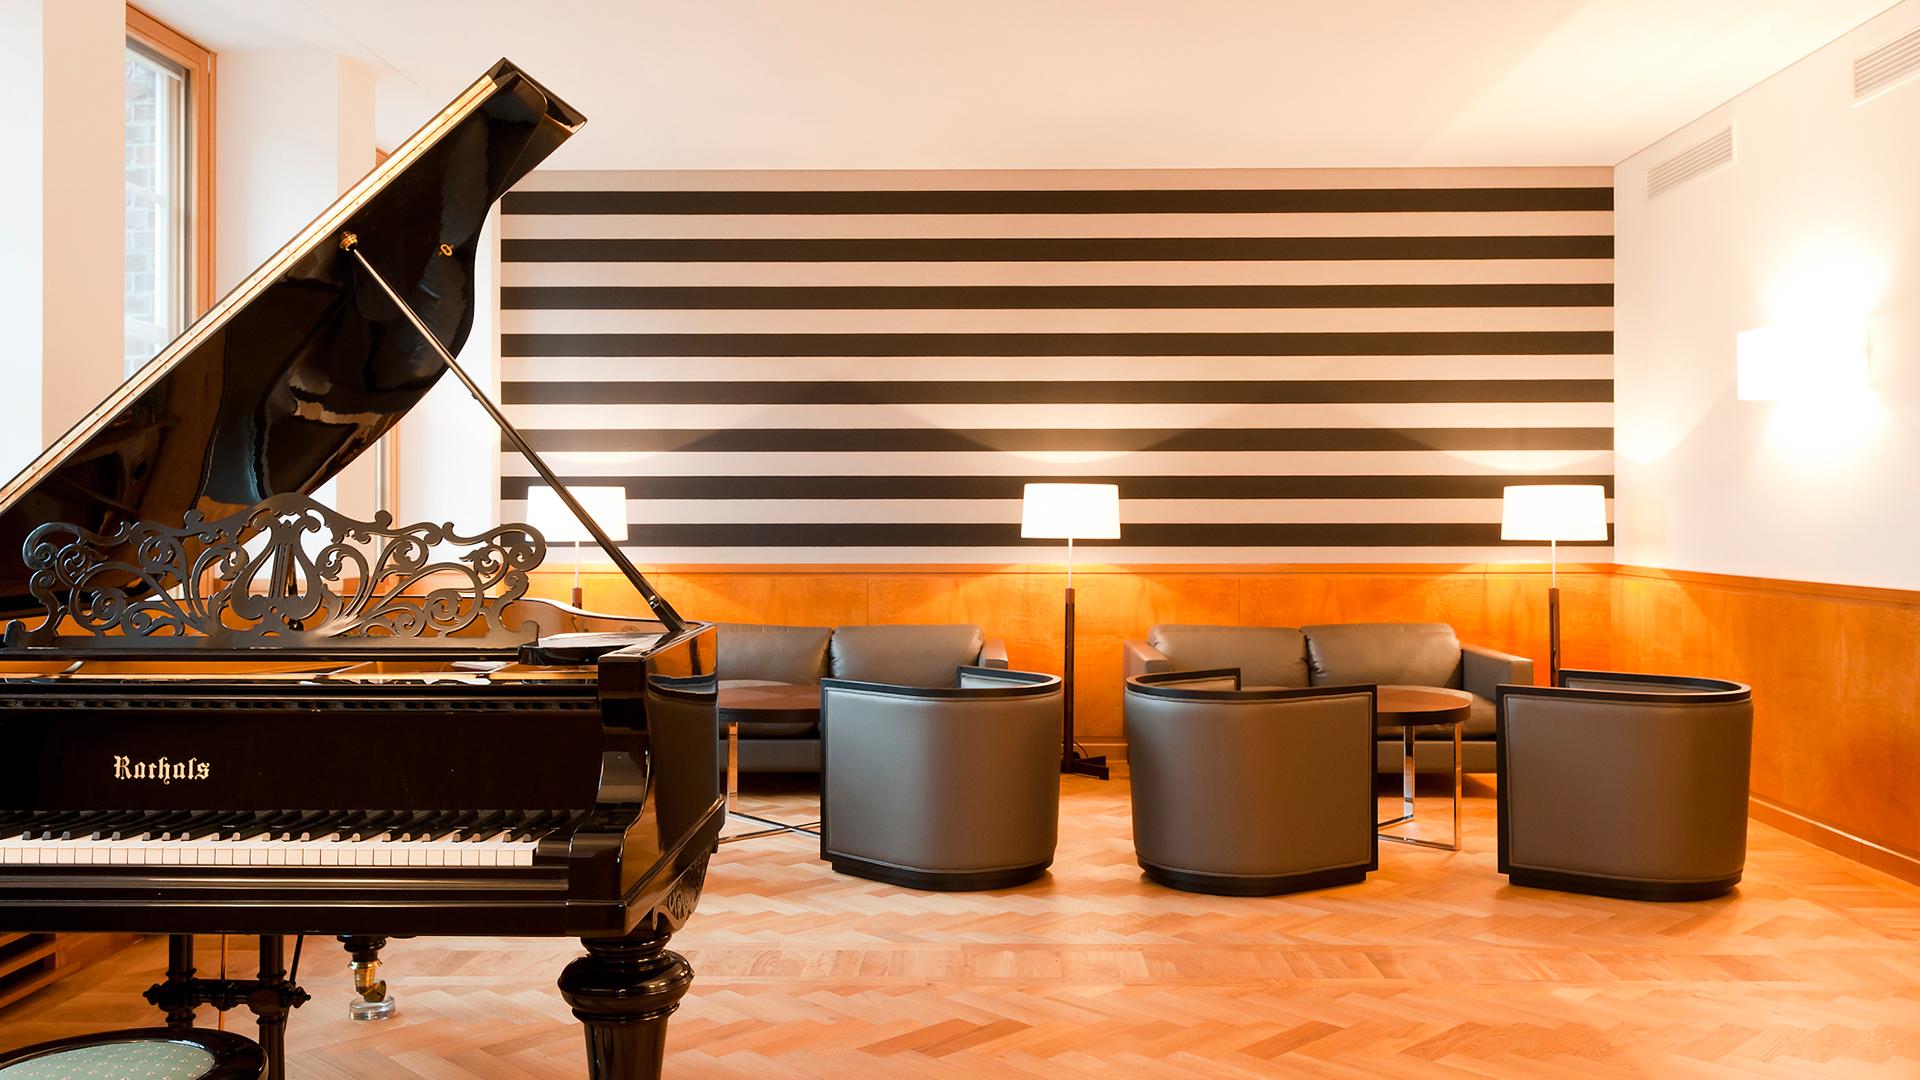 brahms kontor tagung fiylo. Black Bedroom Furniture Sets. Home Design Ideas